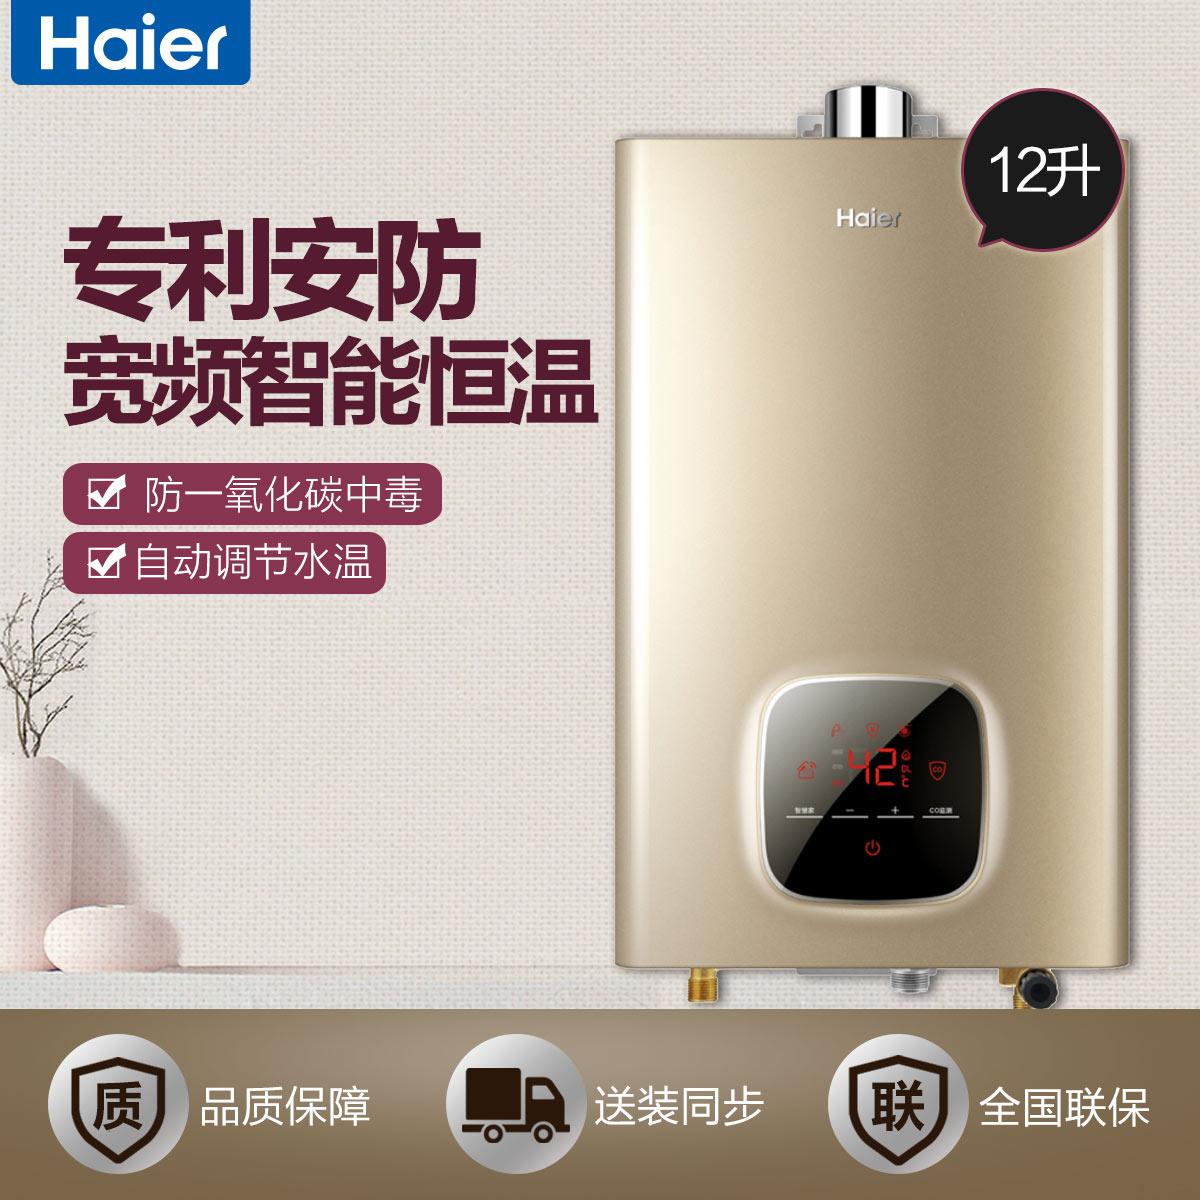 海尔12升专利安防智能恒温燃气热水器 防一氧化碳中毒 根据用水模式自动调节水温 宽频智能恒温 ±0.5℃精准控温 JSQ24-12WT5(12T)